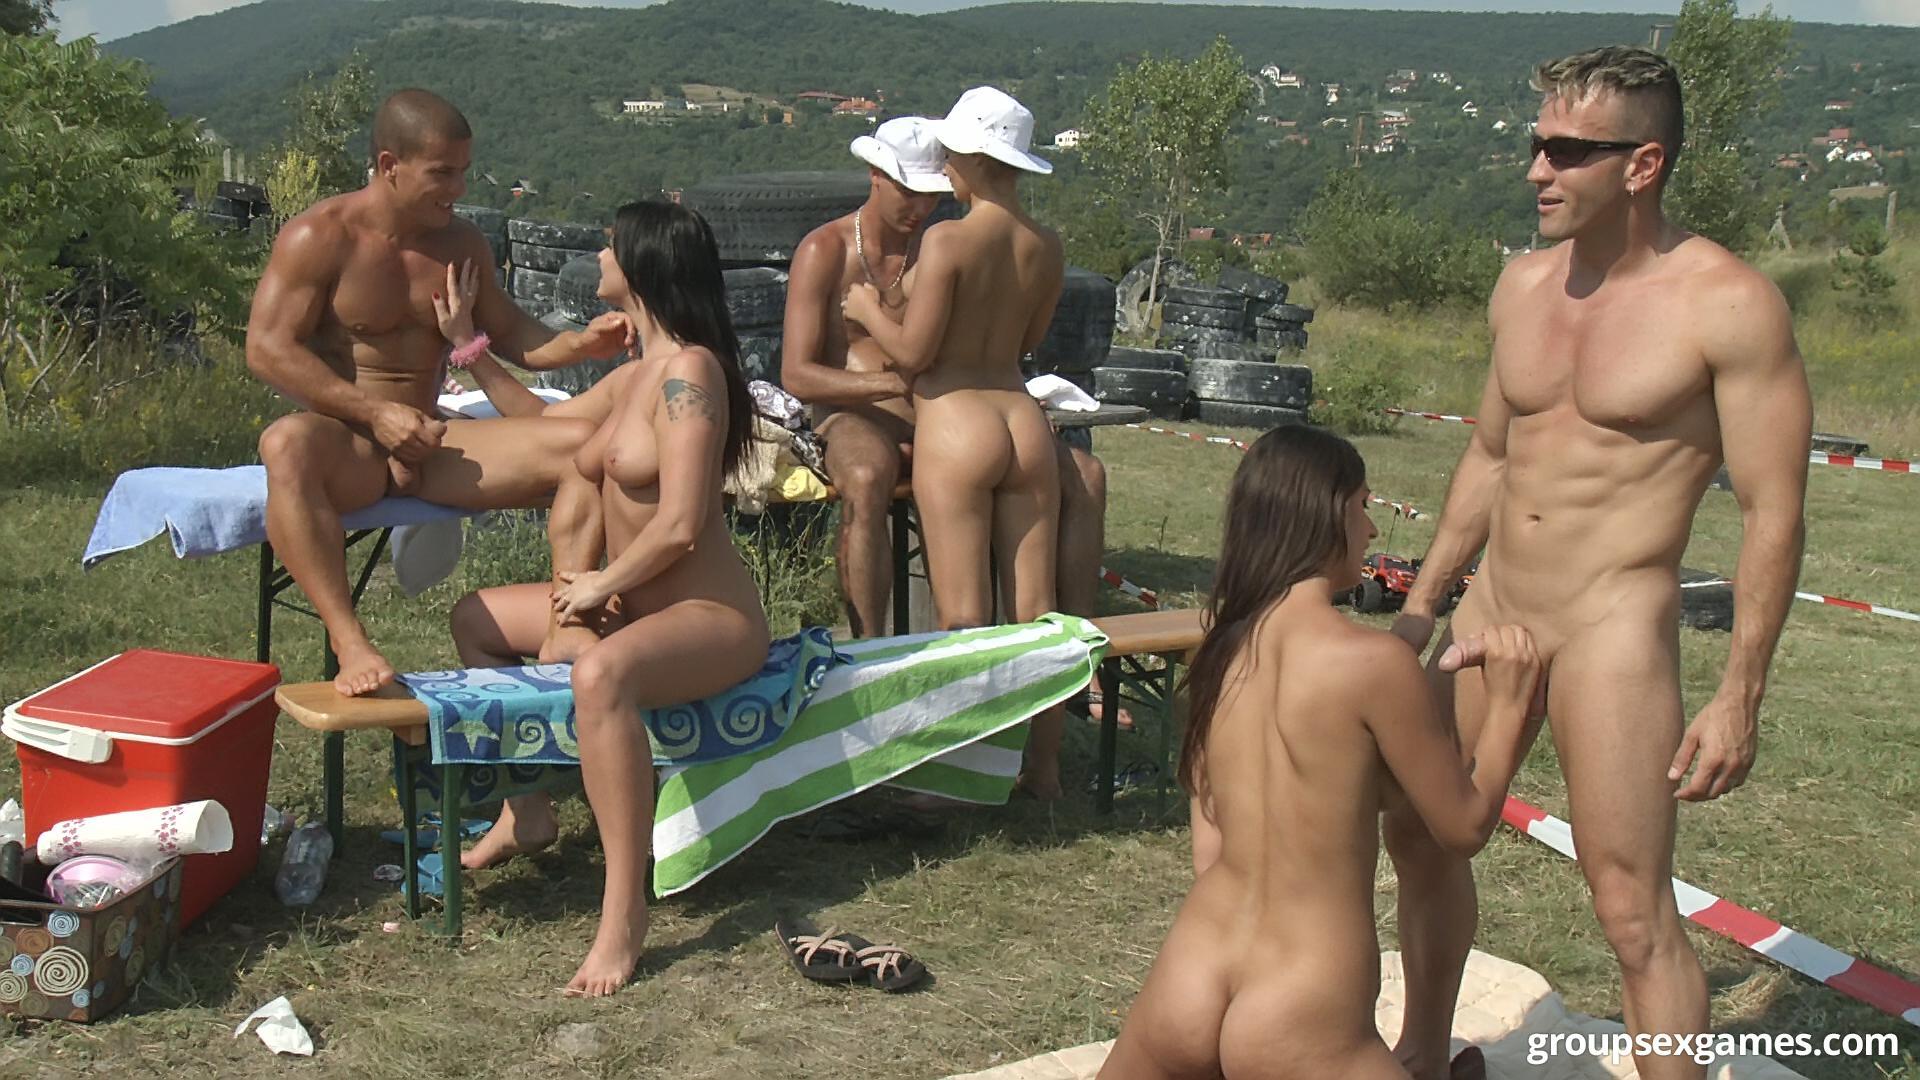 Порно нудистов - Бесплатное порно онлайн.